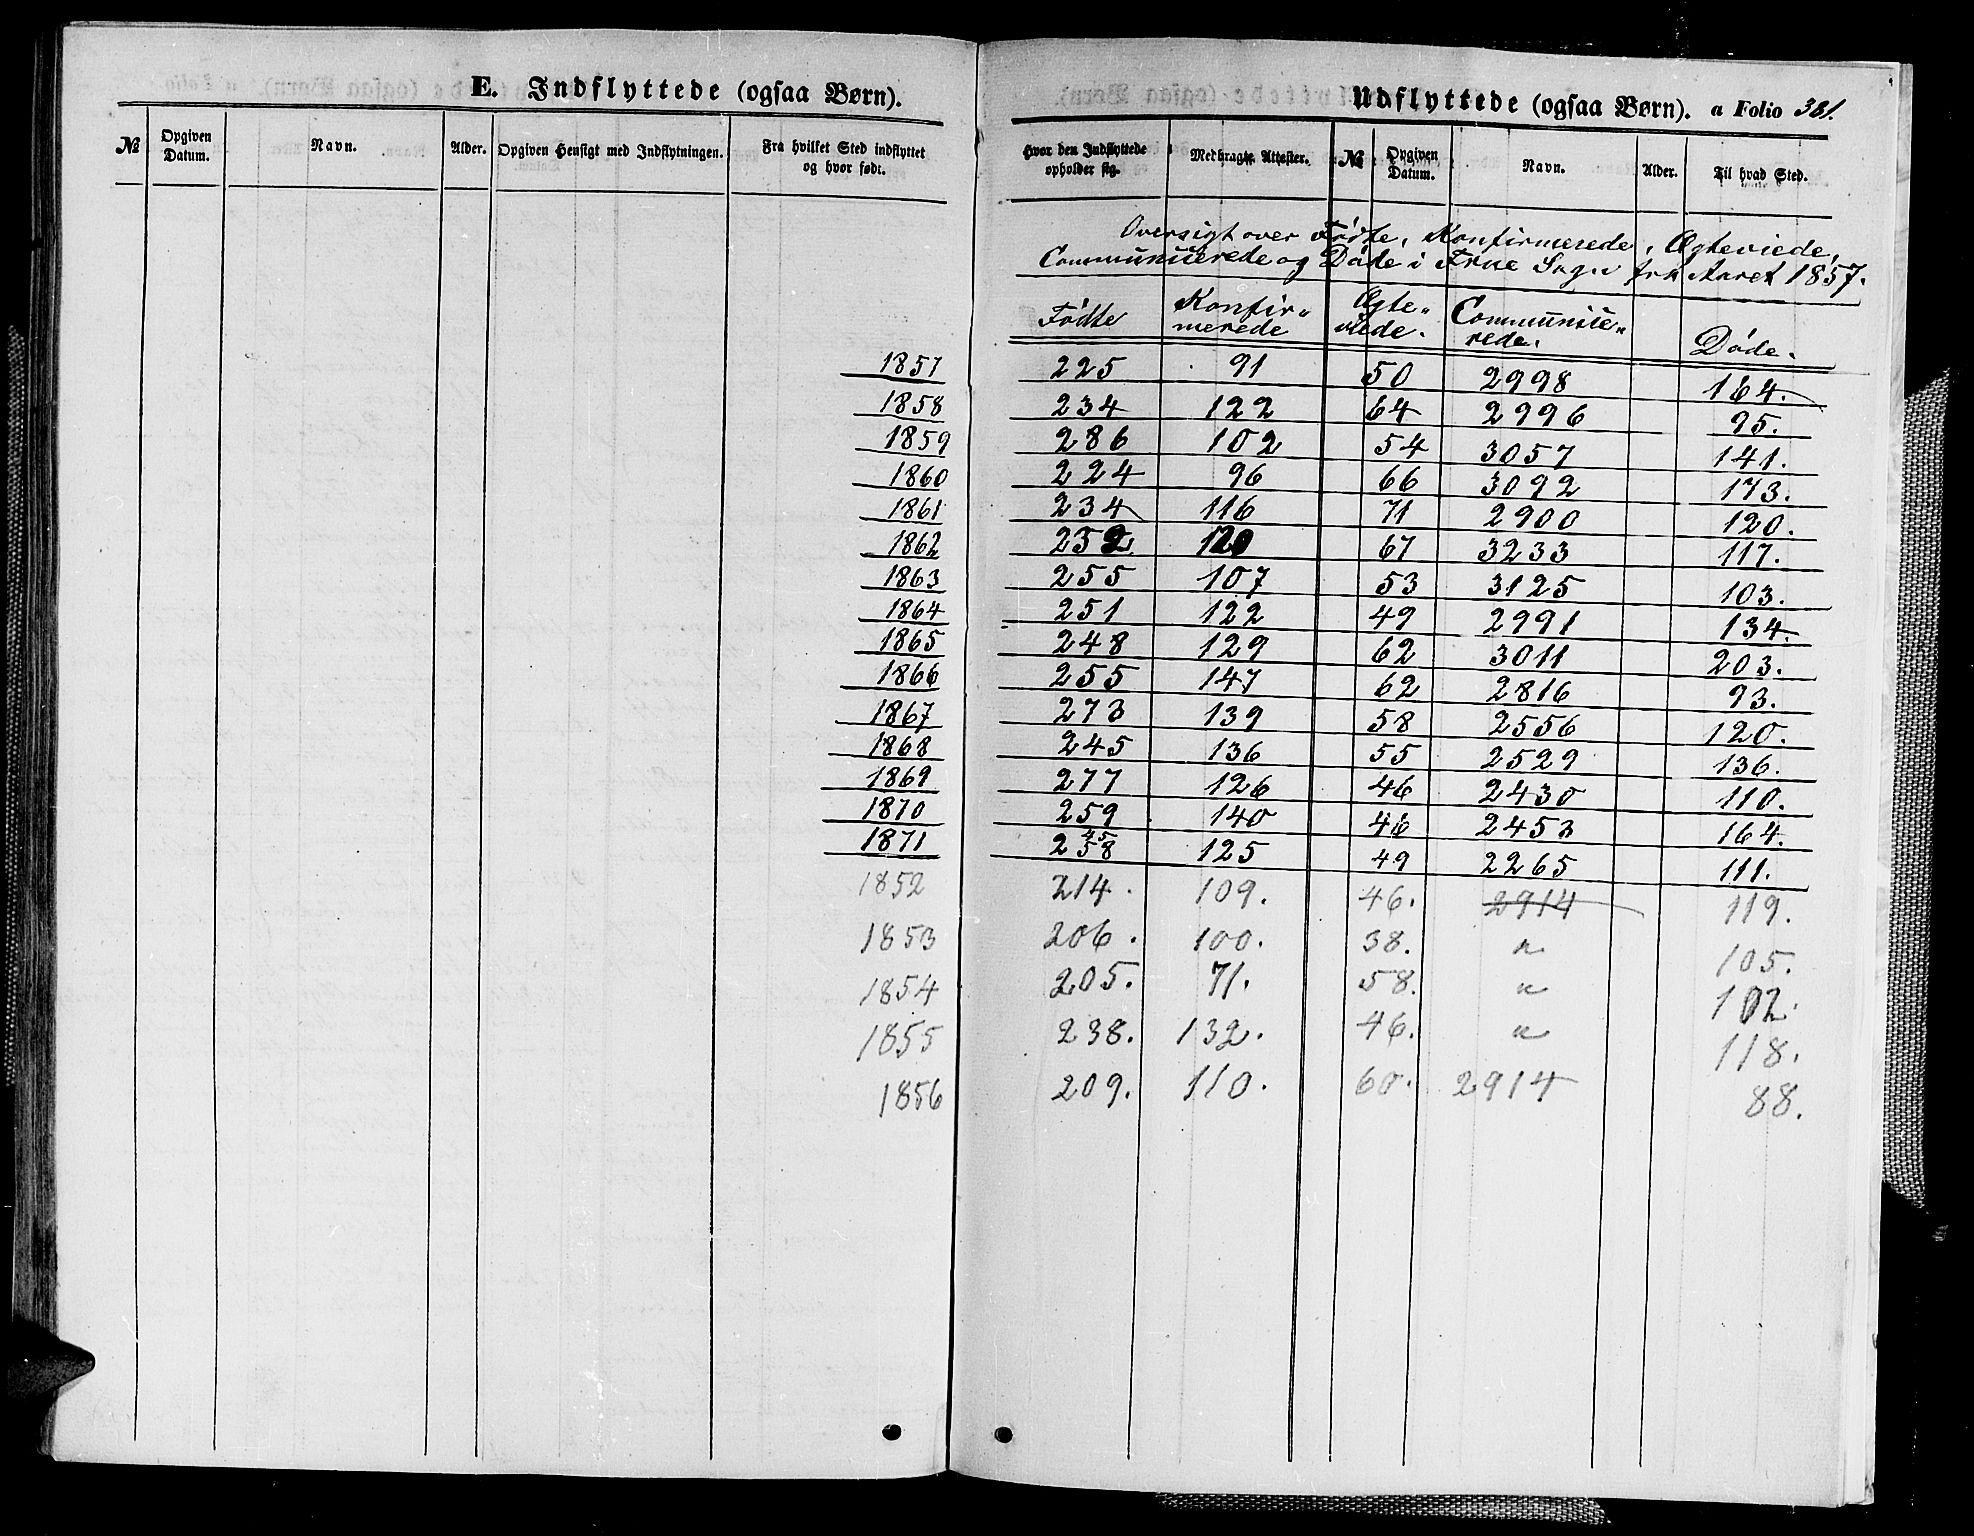 SAT, Ministerialprotokoller, klokkerbøker og fødselsregistre - Sør-Trøndelag, 602/L0139: Klokkerbok nr. 602C07, 1859-1864, s. 381